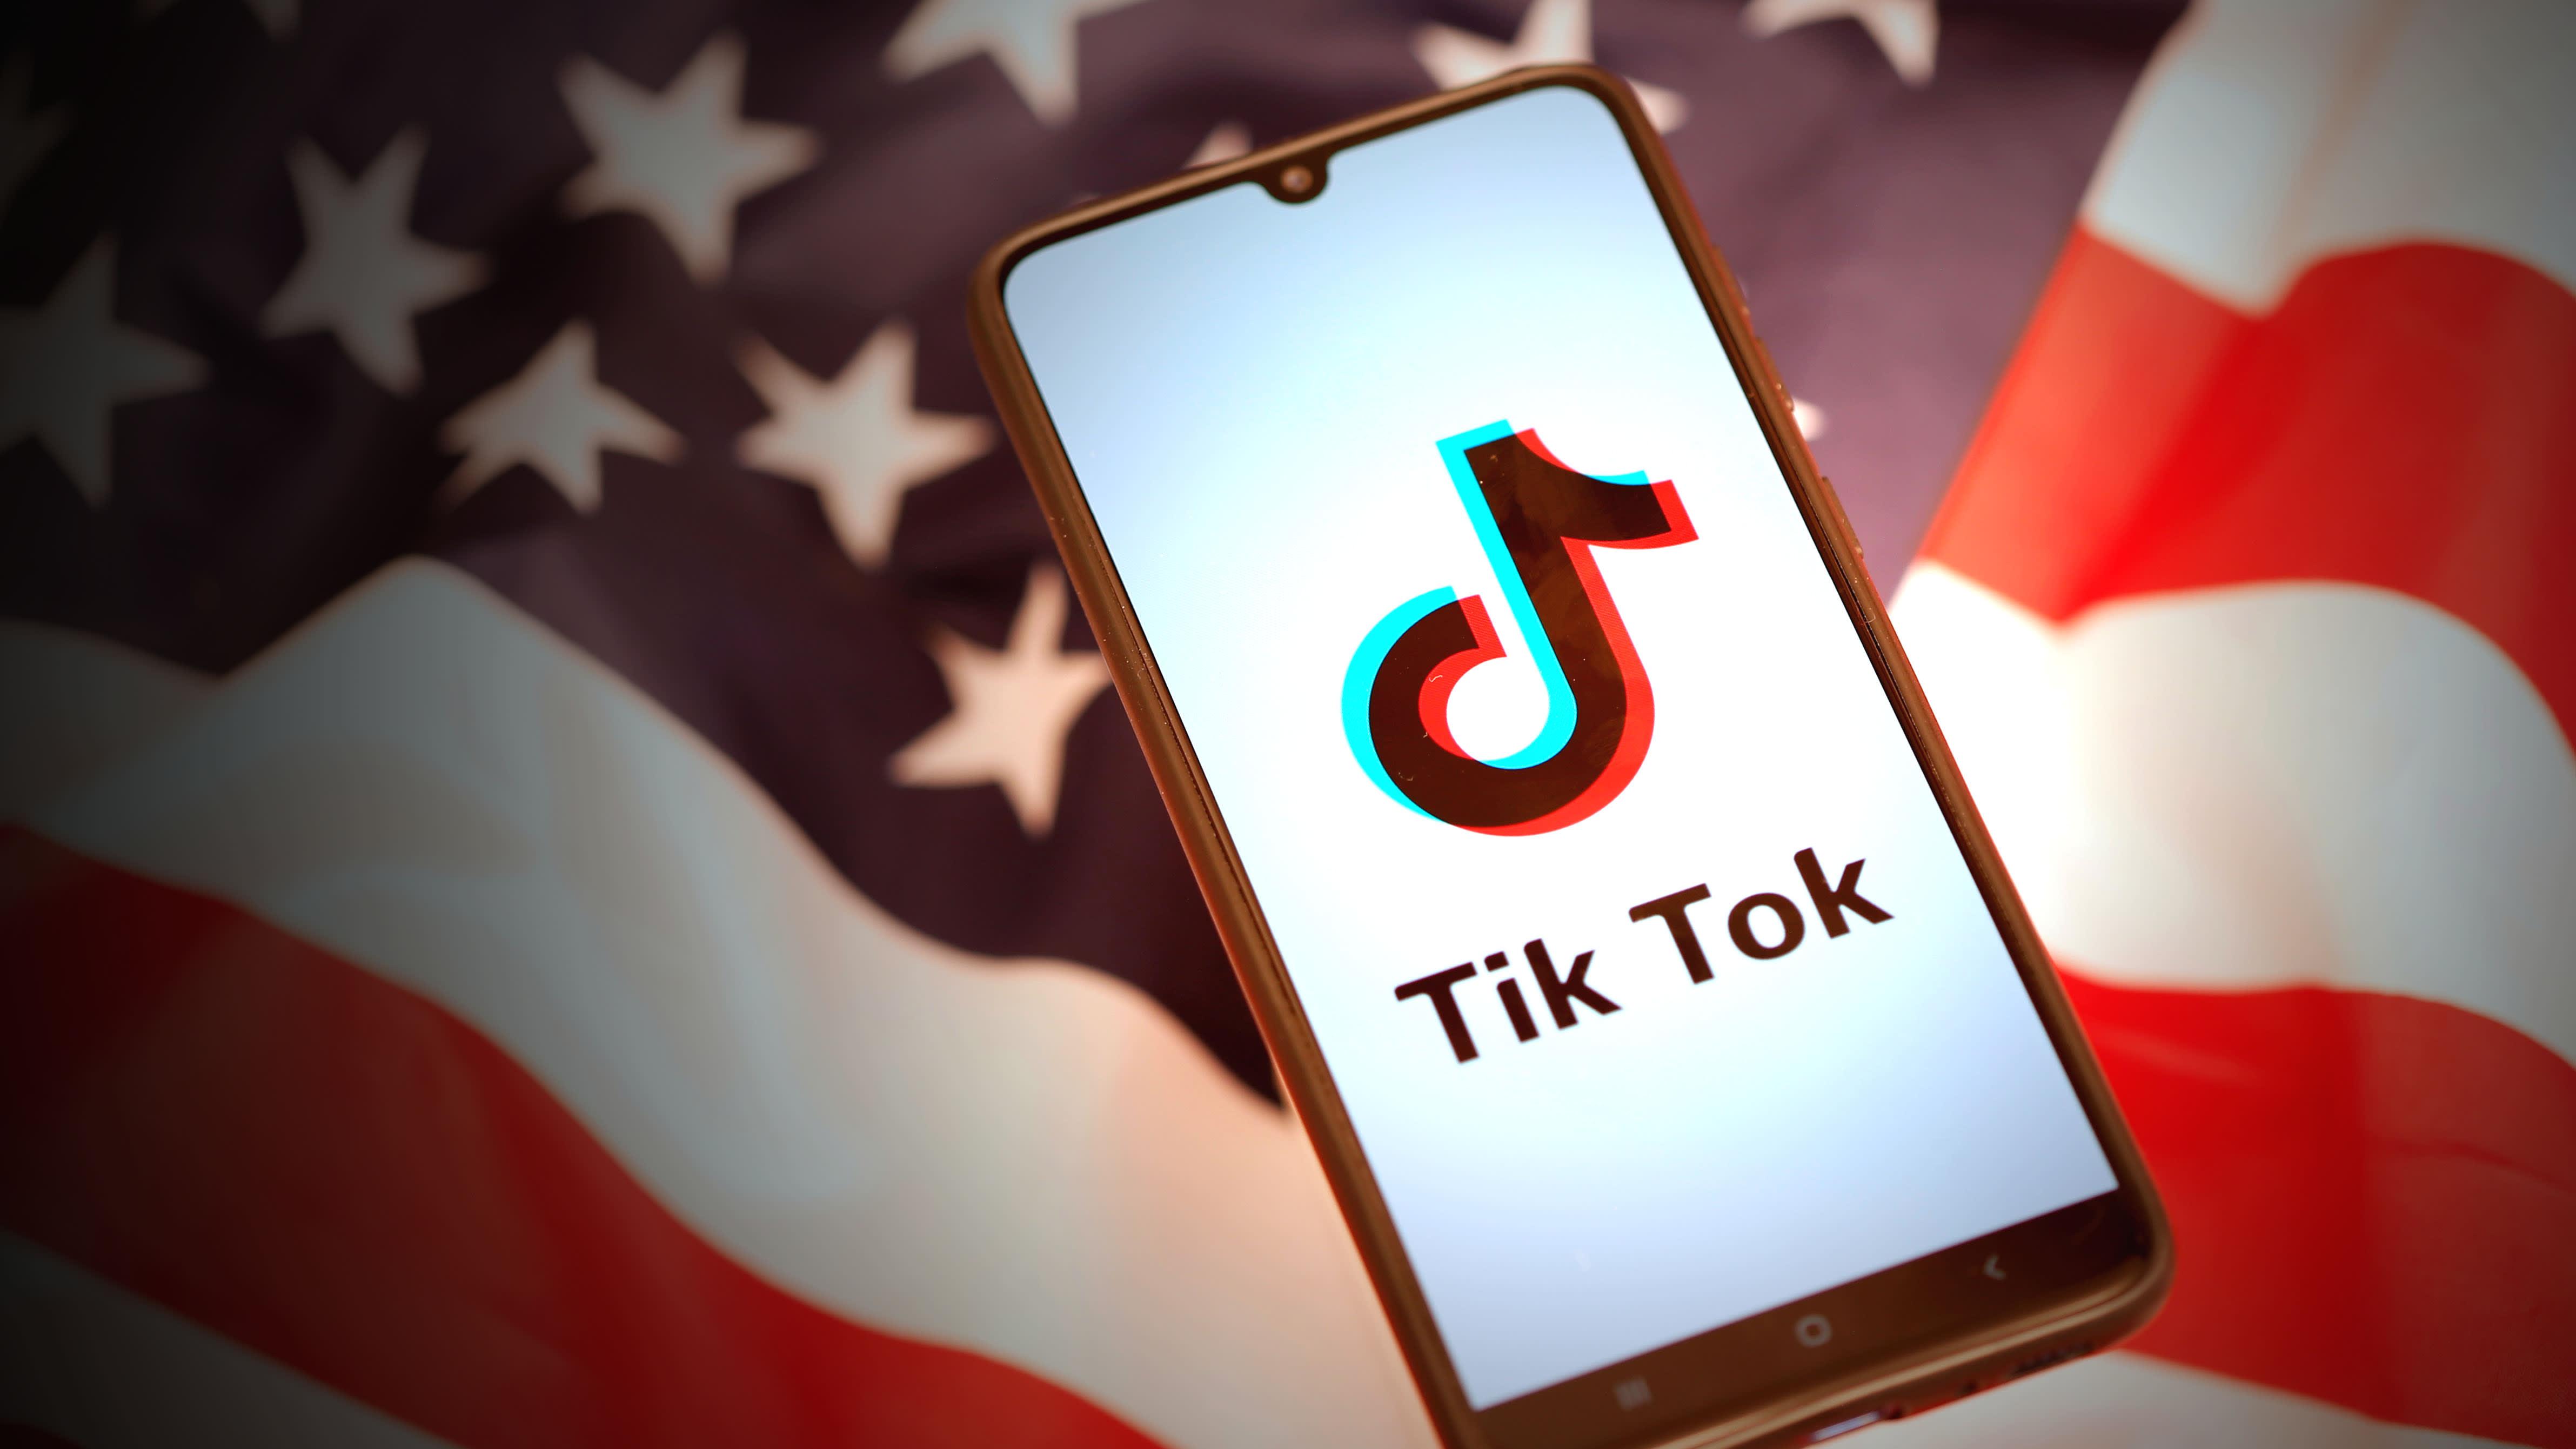 Mỹ ngày càng kiểm soát gắt gao, liệu TikTok có trở thành Huawei tiếp theo? - Ảnh 1.